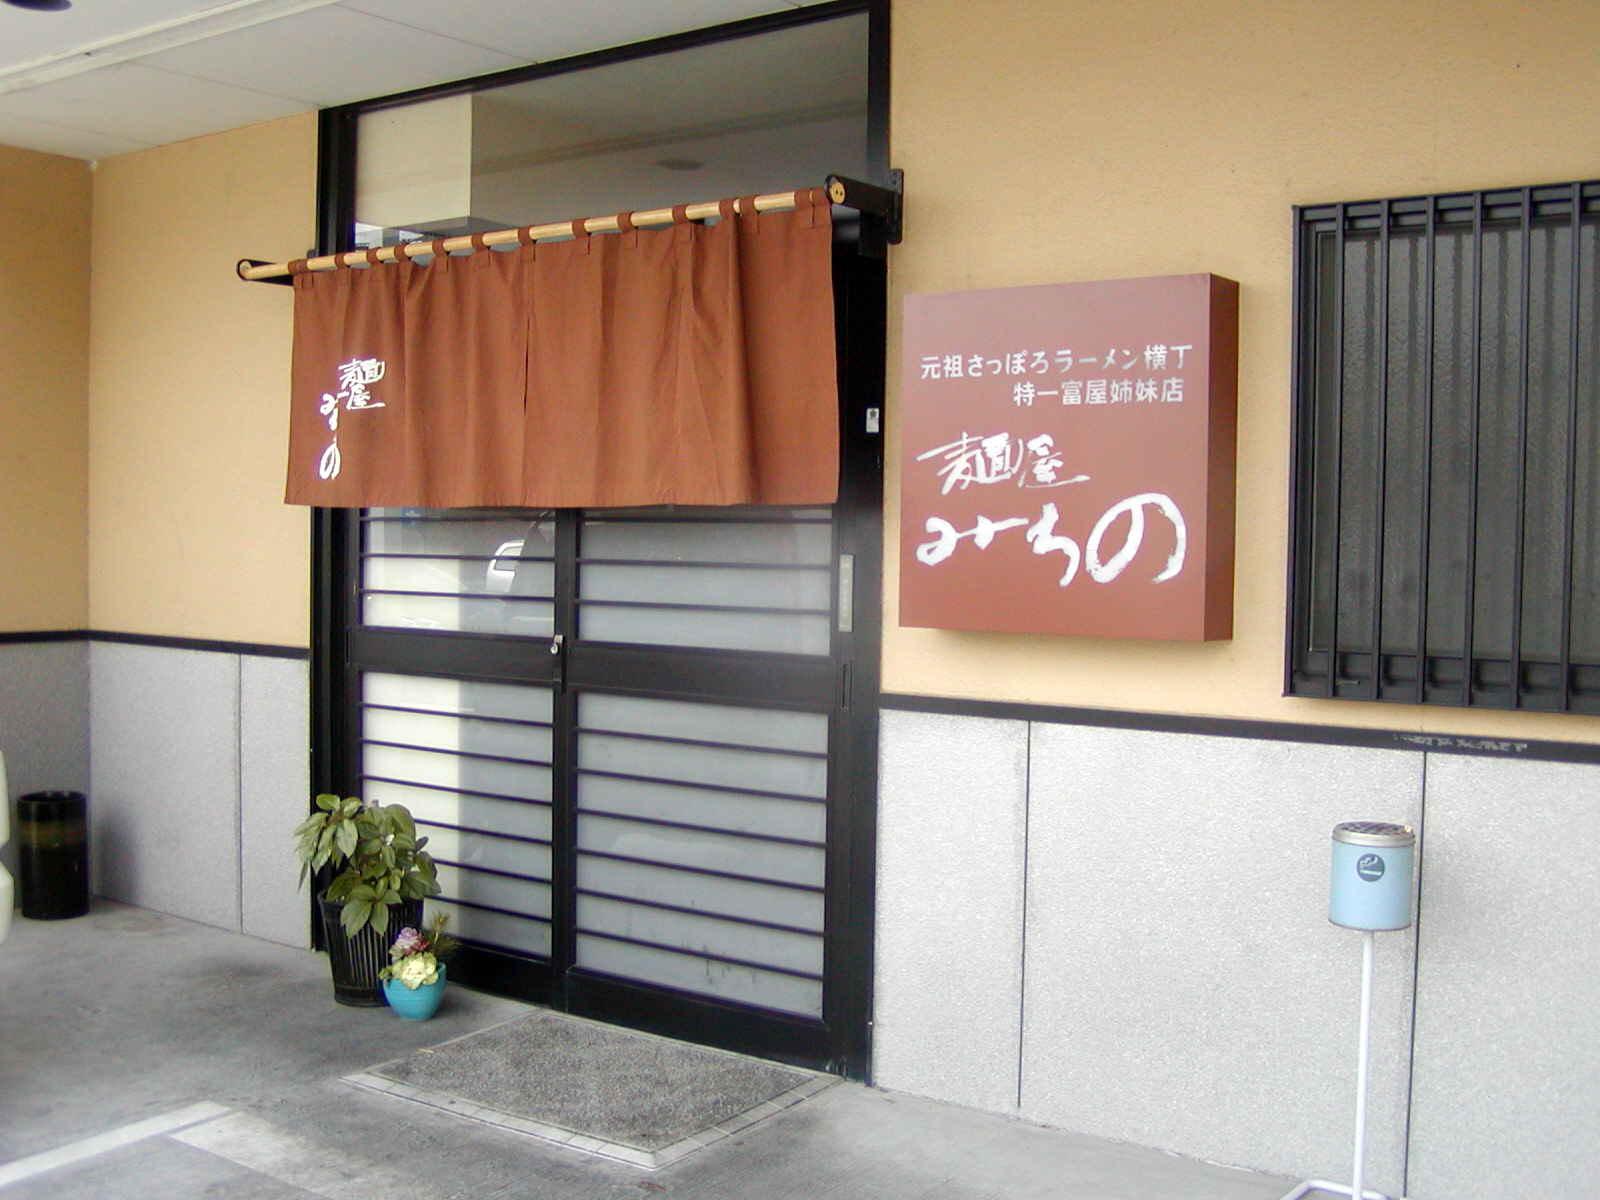 麺屋 みちの【醤油ラーメン】 @浜松市西区西山町